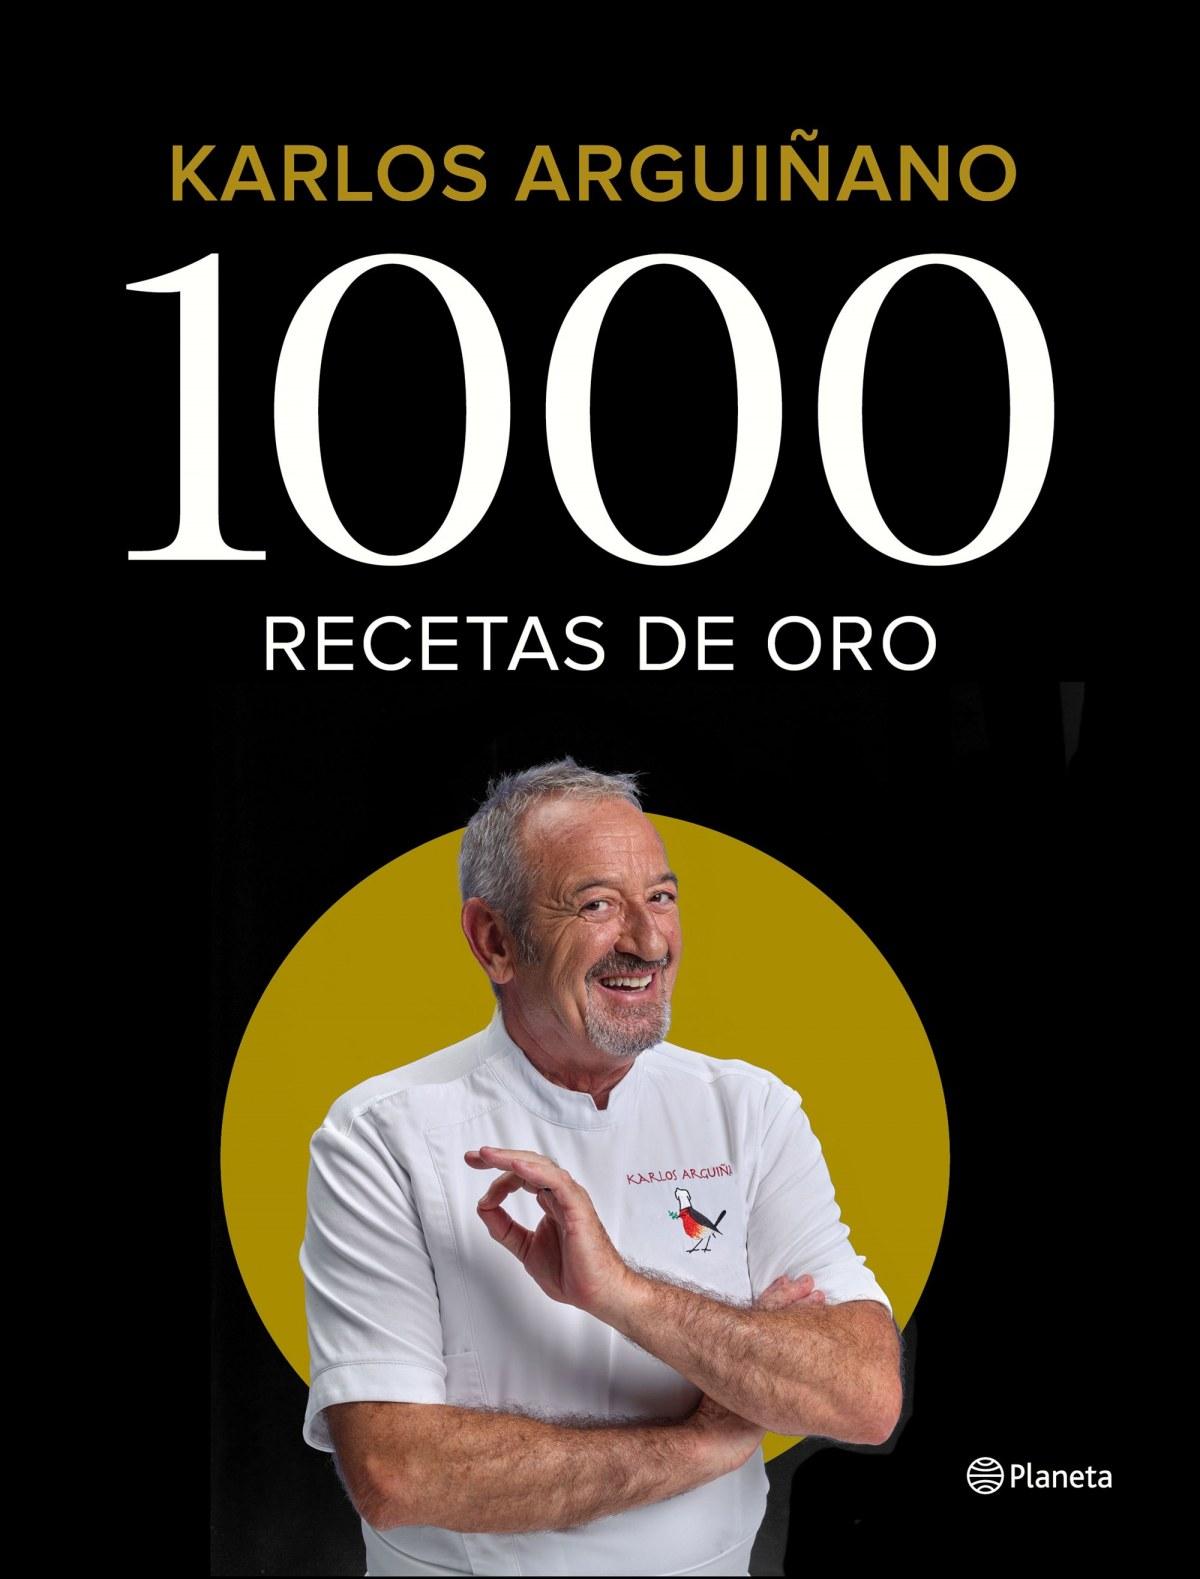 KARLOS ARGUÑANO 1000 RECETAS DE ORO